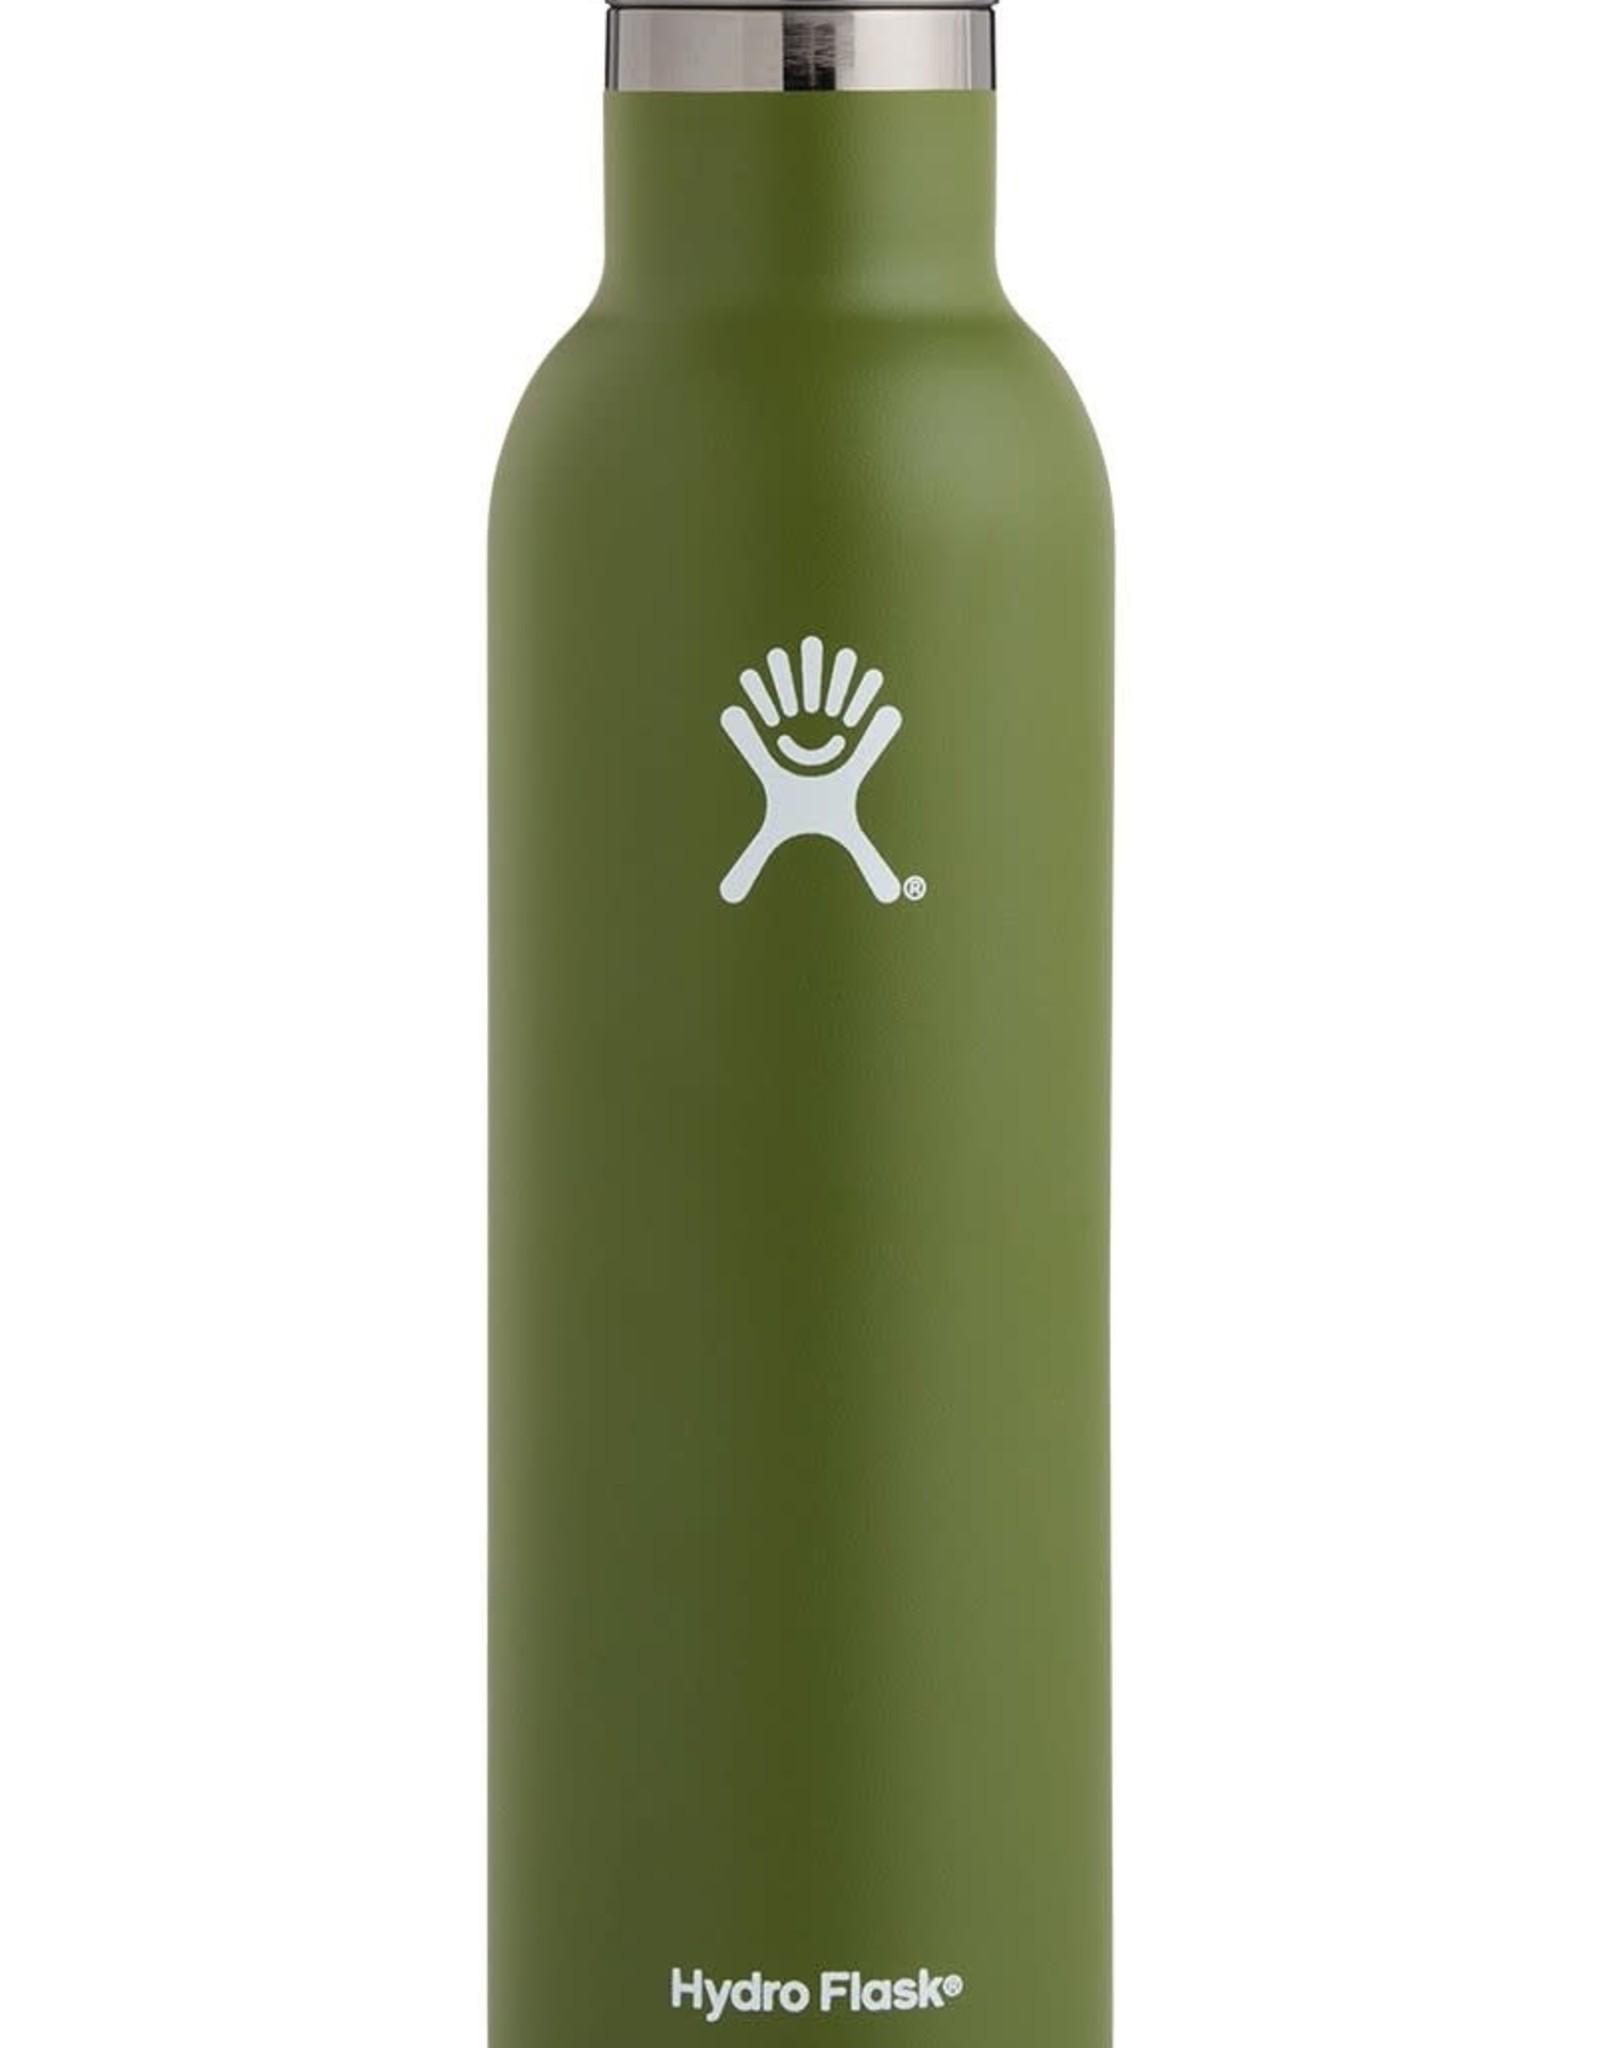 Hydro Flask Hydro Flask Wine Bottle 25oz S19